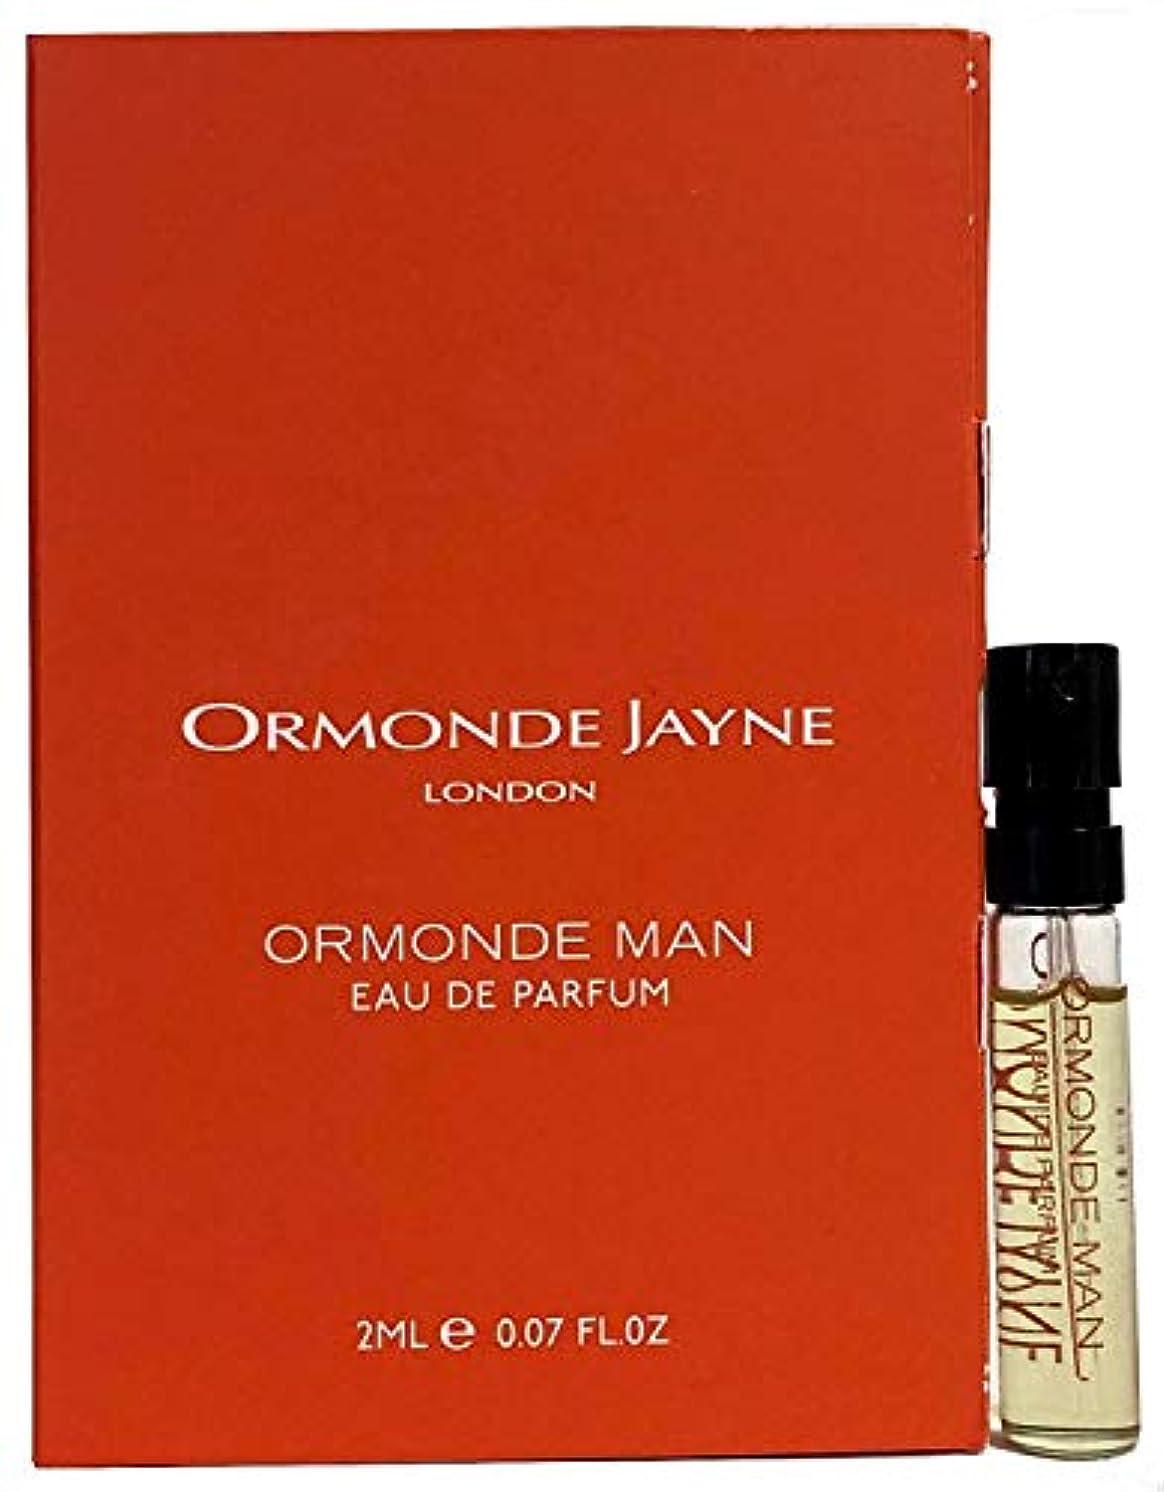 境界タイマーテントオーモンド ジェーン オーモンド マン オードパルファン 2ml(Ormonde Jayne ORMONDE MAN EDP Vial Sample 2ml)